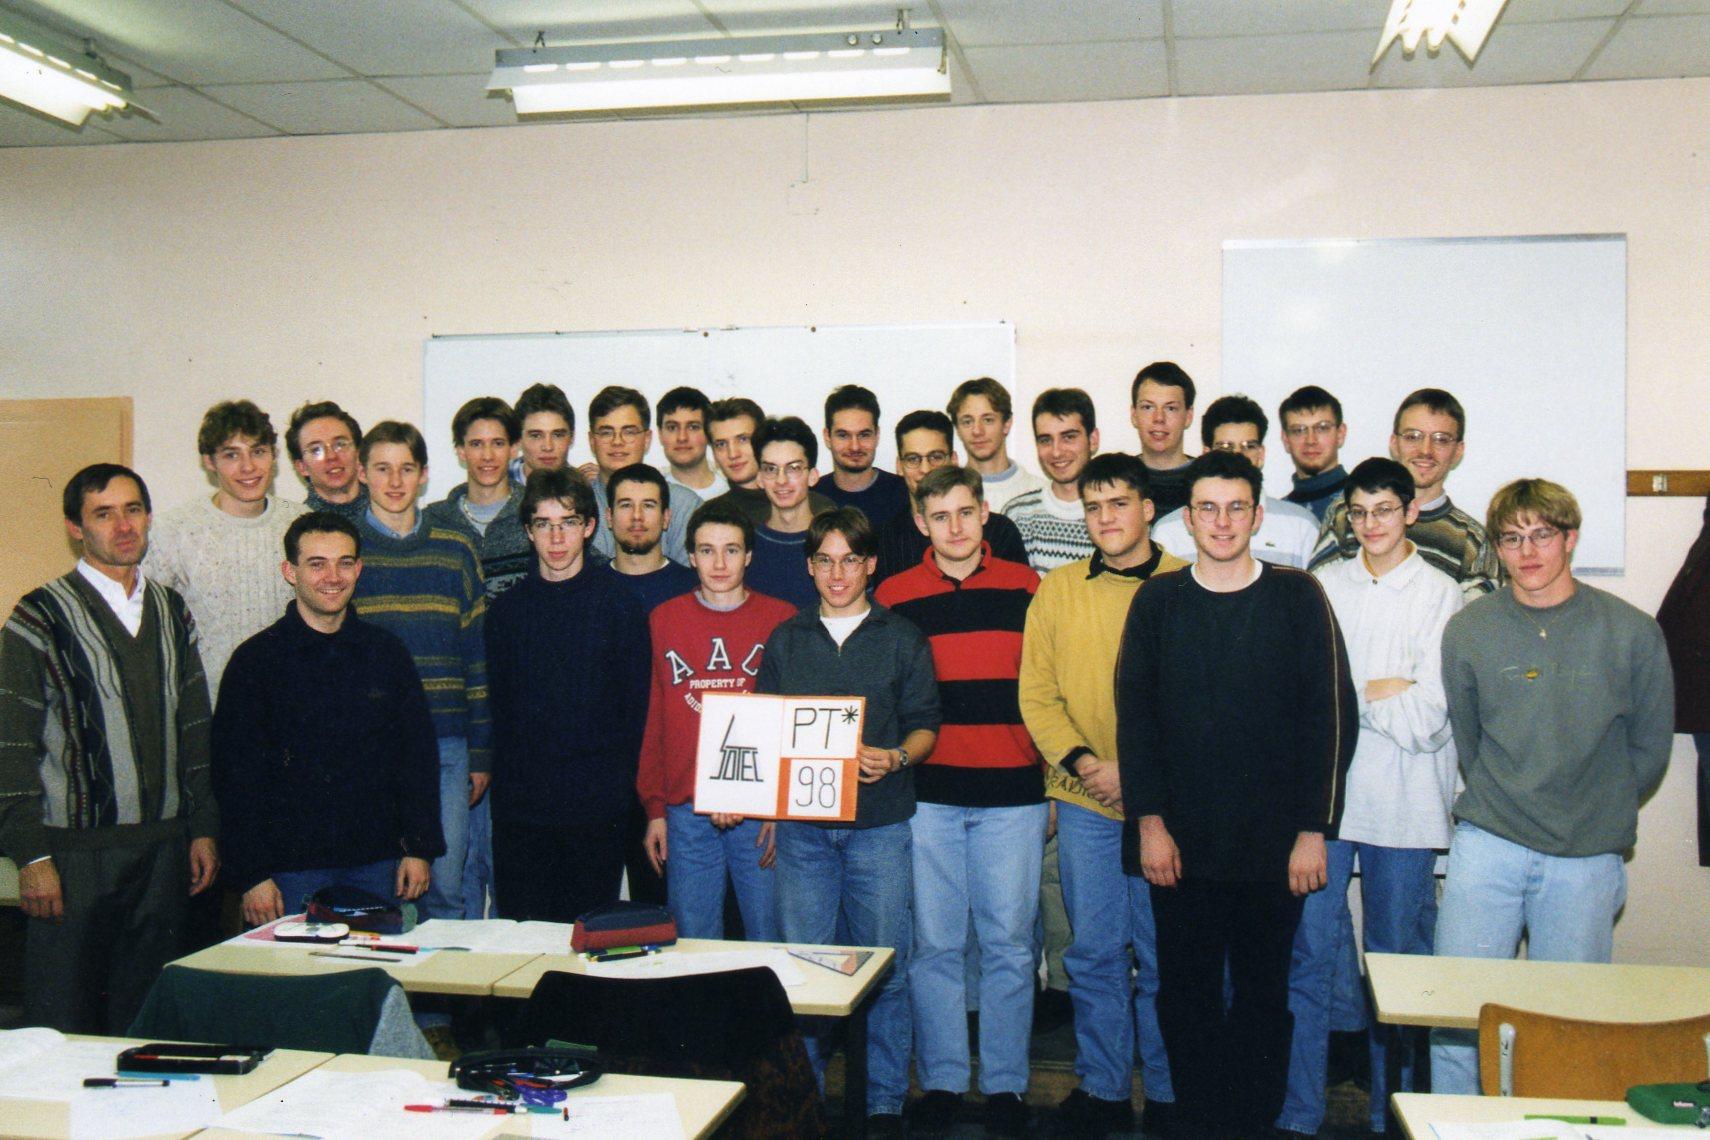 PTet_1998.jpg